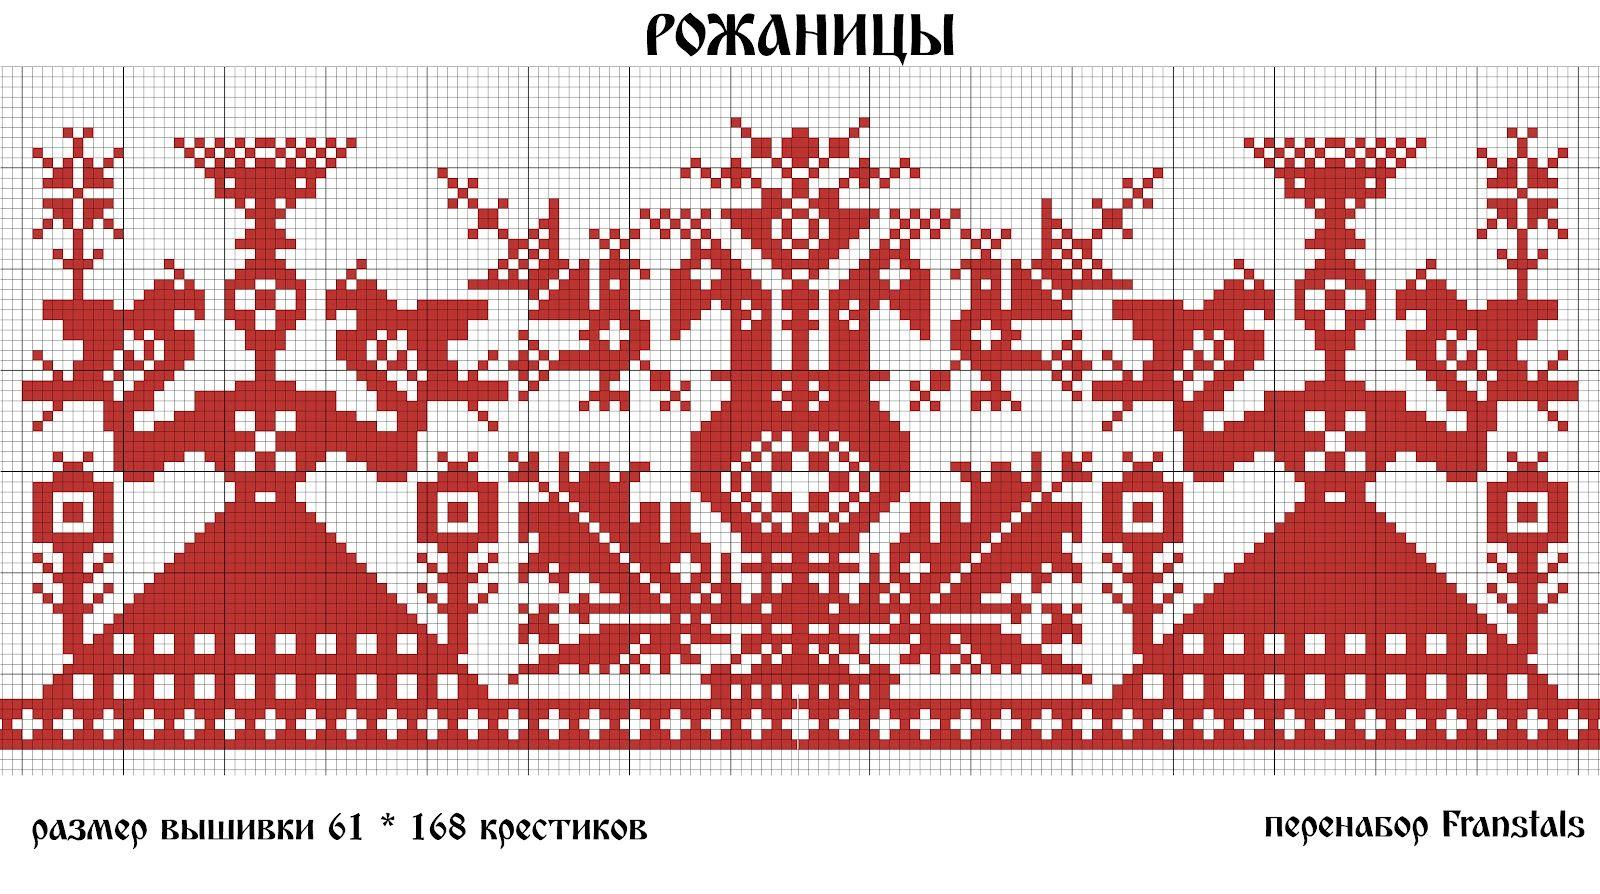 Традиционная славянская вышивка. Обереги